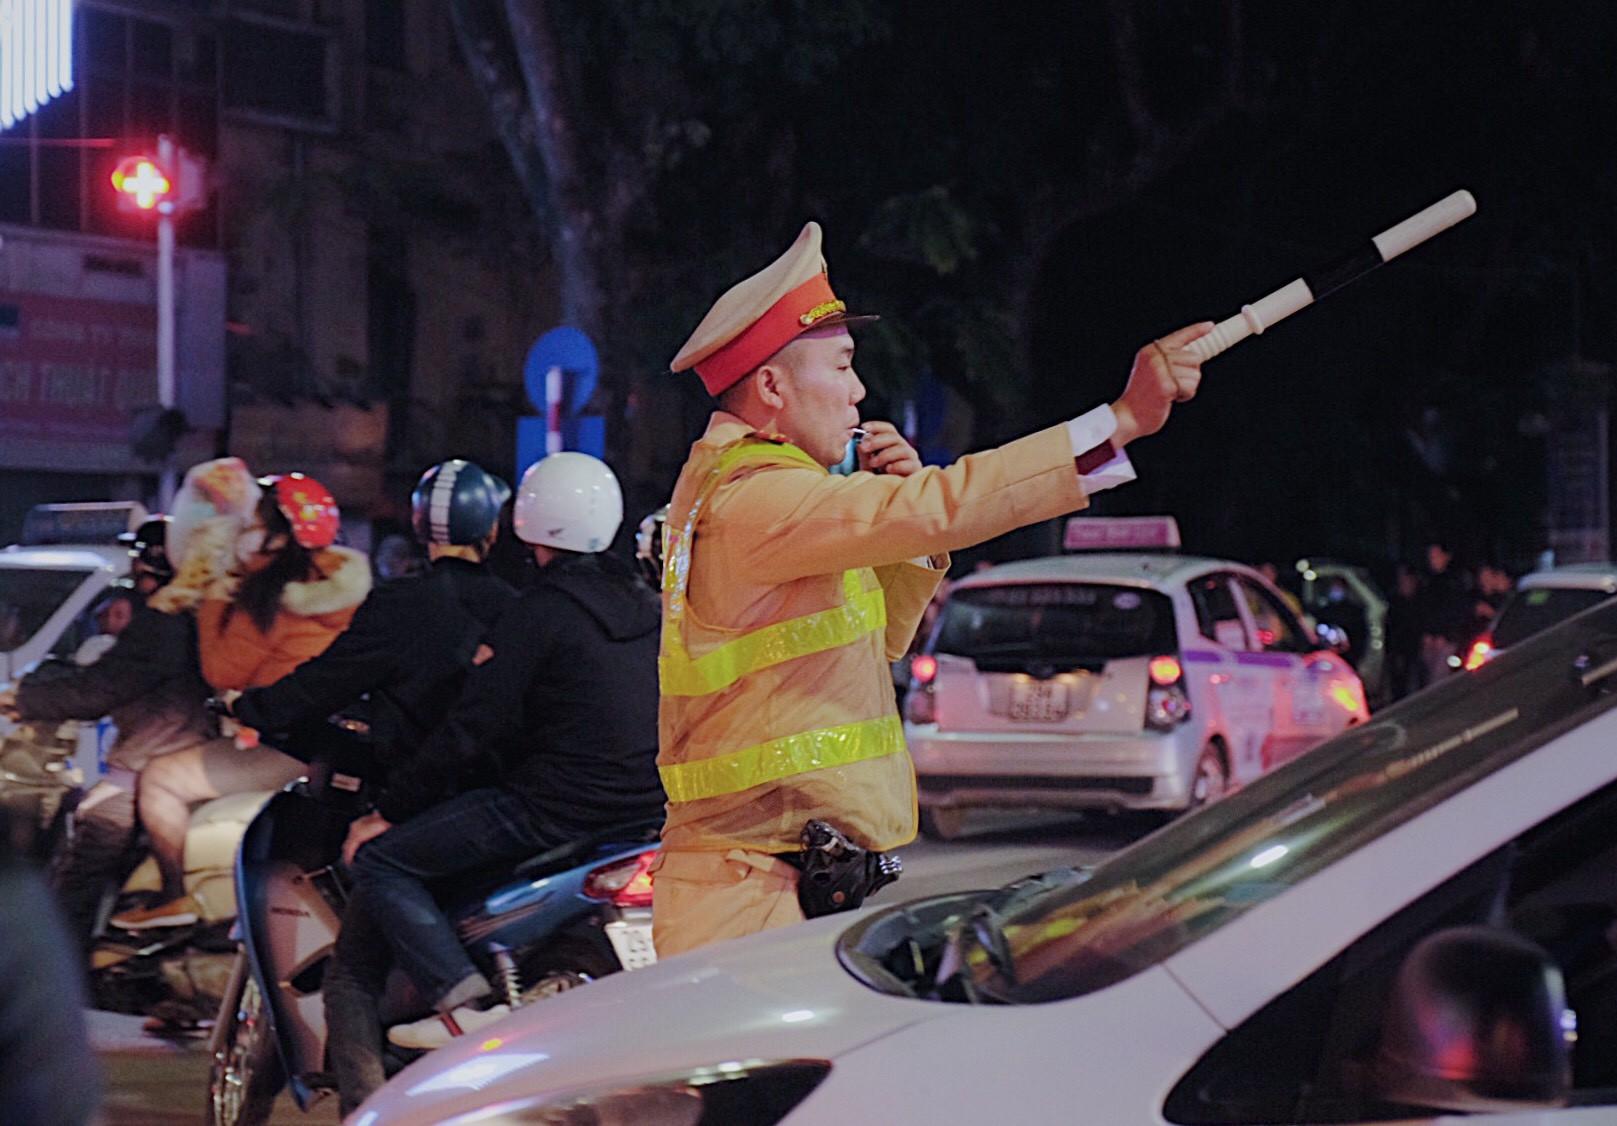 Hà Nội: Chùm ảnh nhiều người quên đội mũ bảo hiểm, kẹp 3 kẹp 4 đi chơi Giao thừa - Ảnh 7.